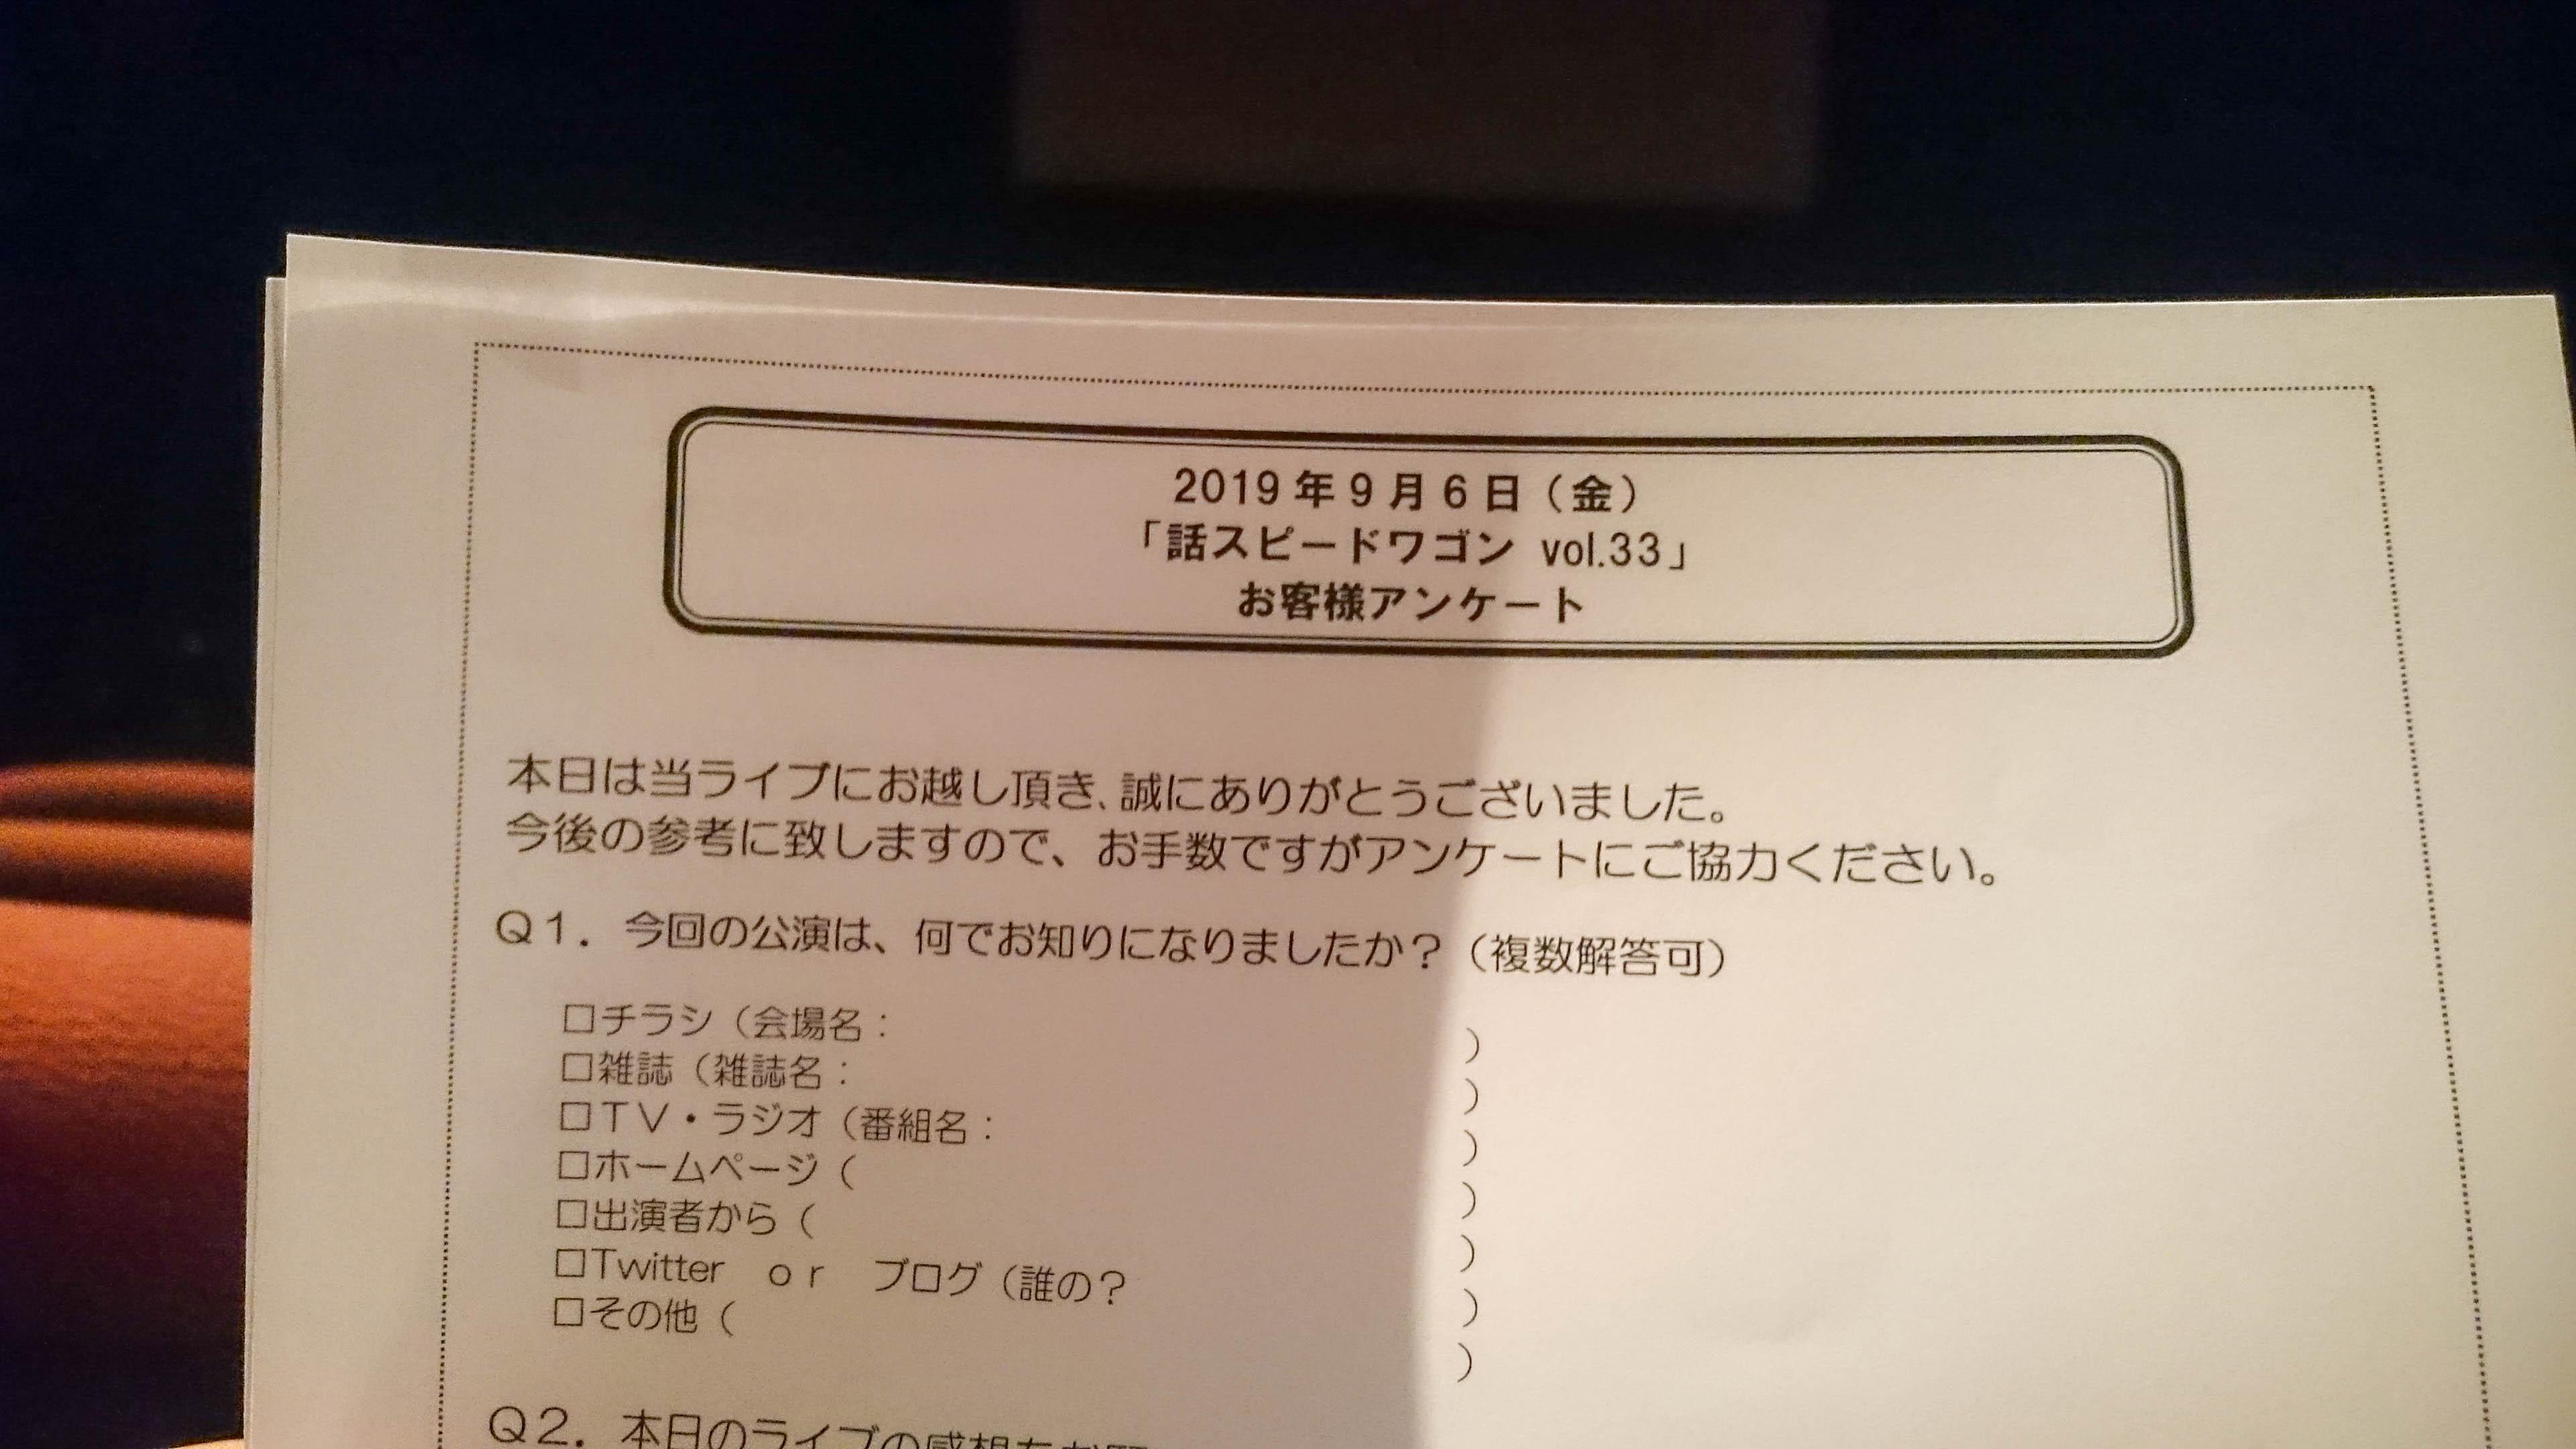 【話スピードワゴンvol.33】ゲストがチュートリアル徳井で面白かった話